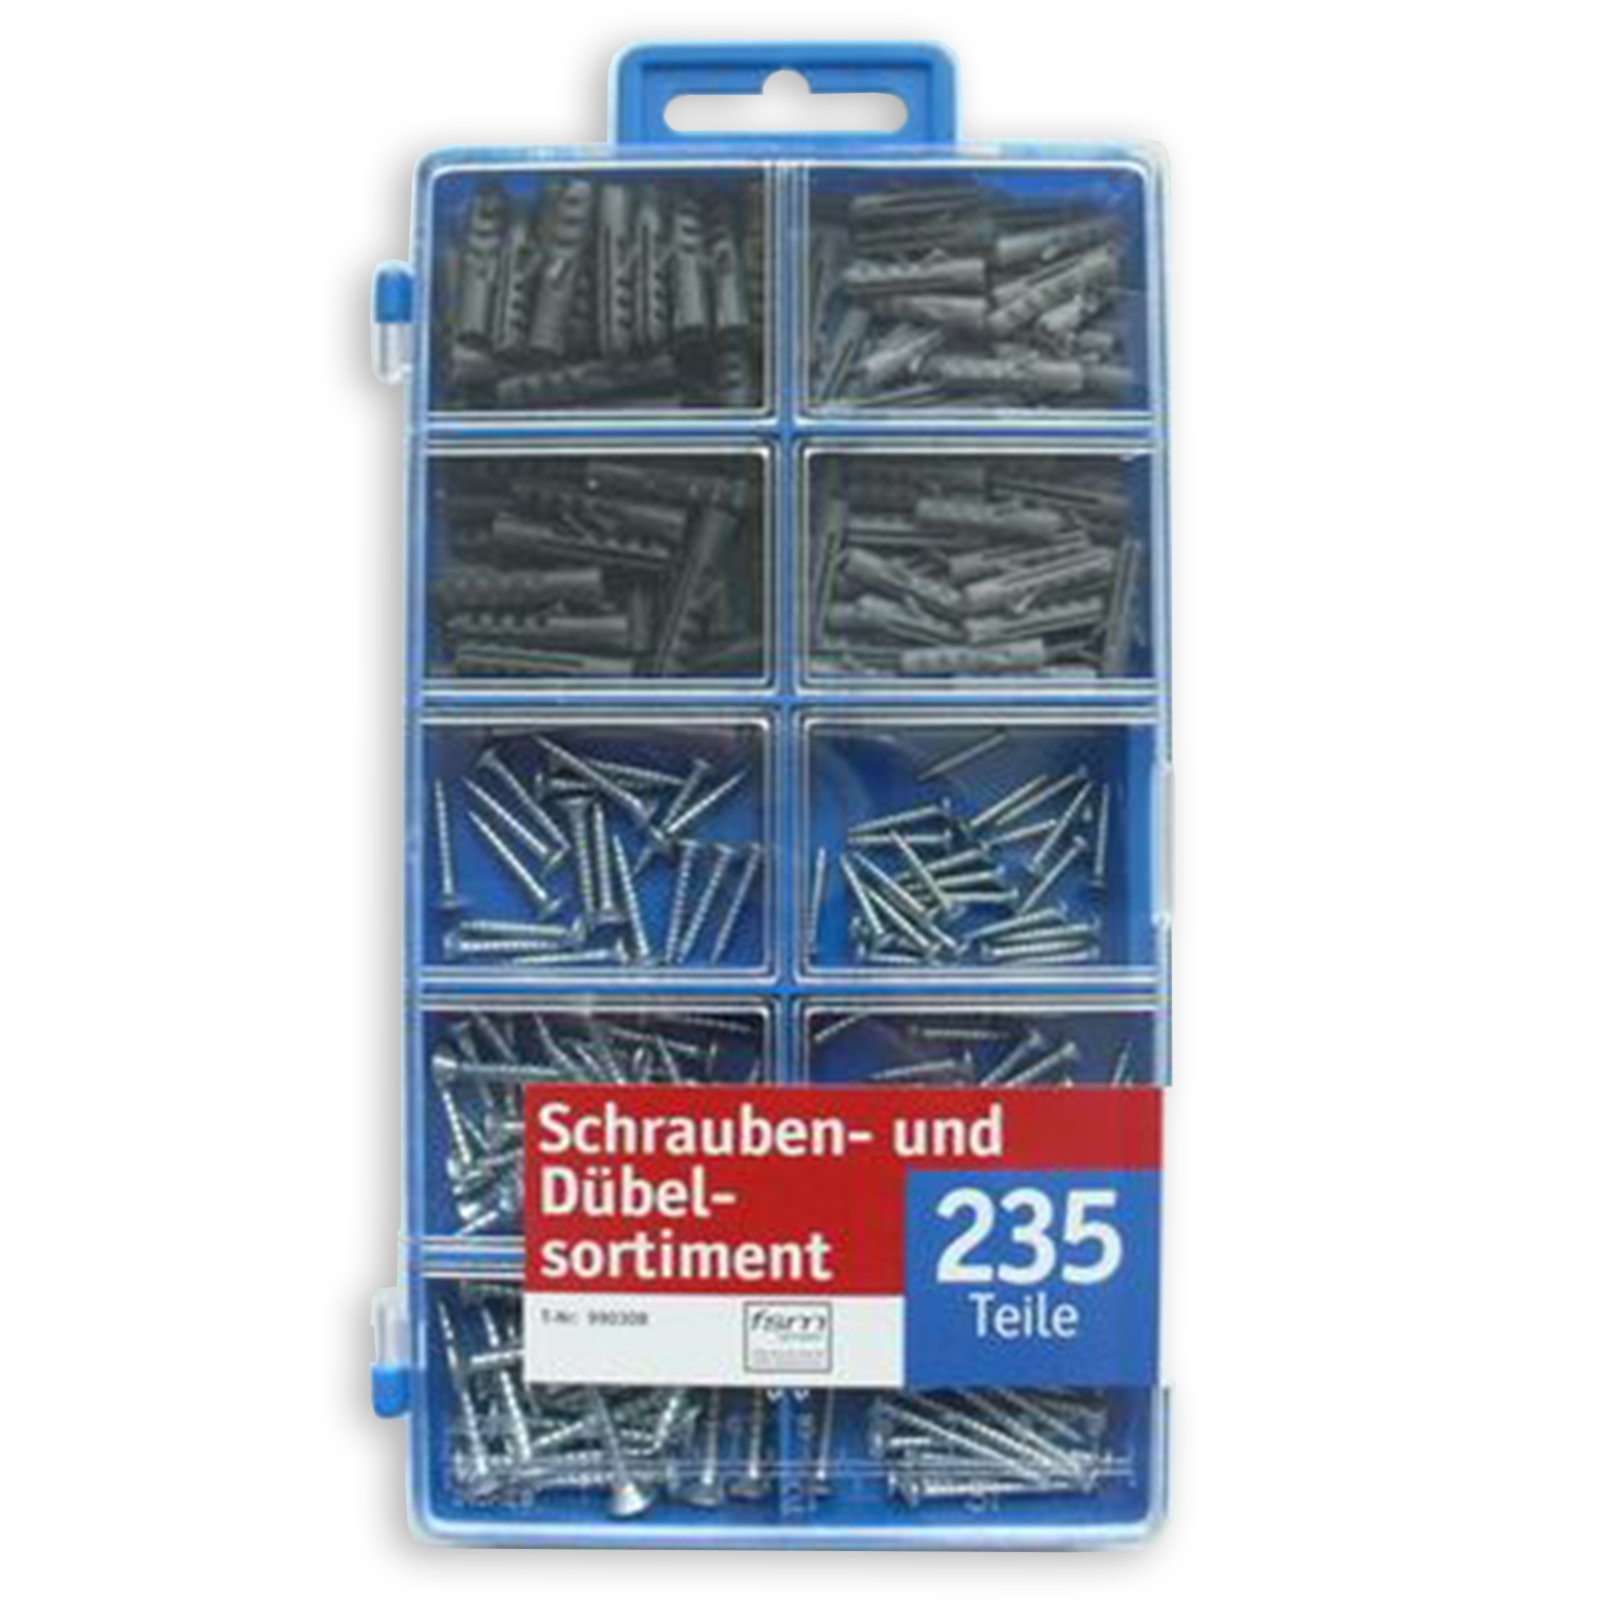 schrauben und d bel sortiment 235 teile verschiedene gr en schrauben n gel werkzeug. Black Bedroom Furniture Sets. Home Design Ideas